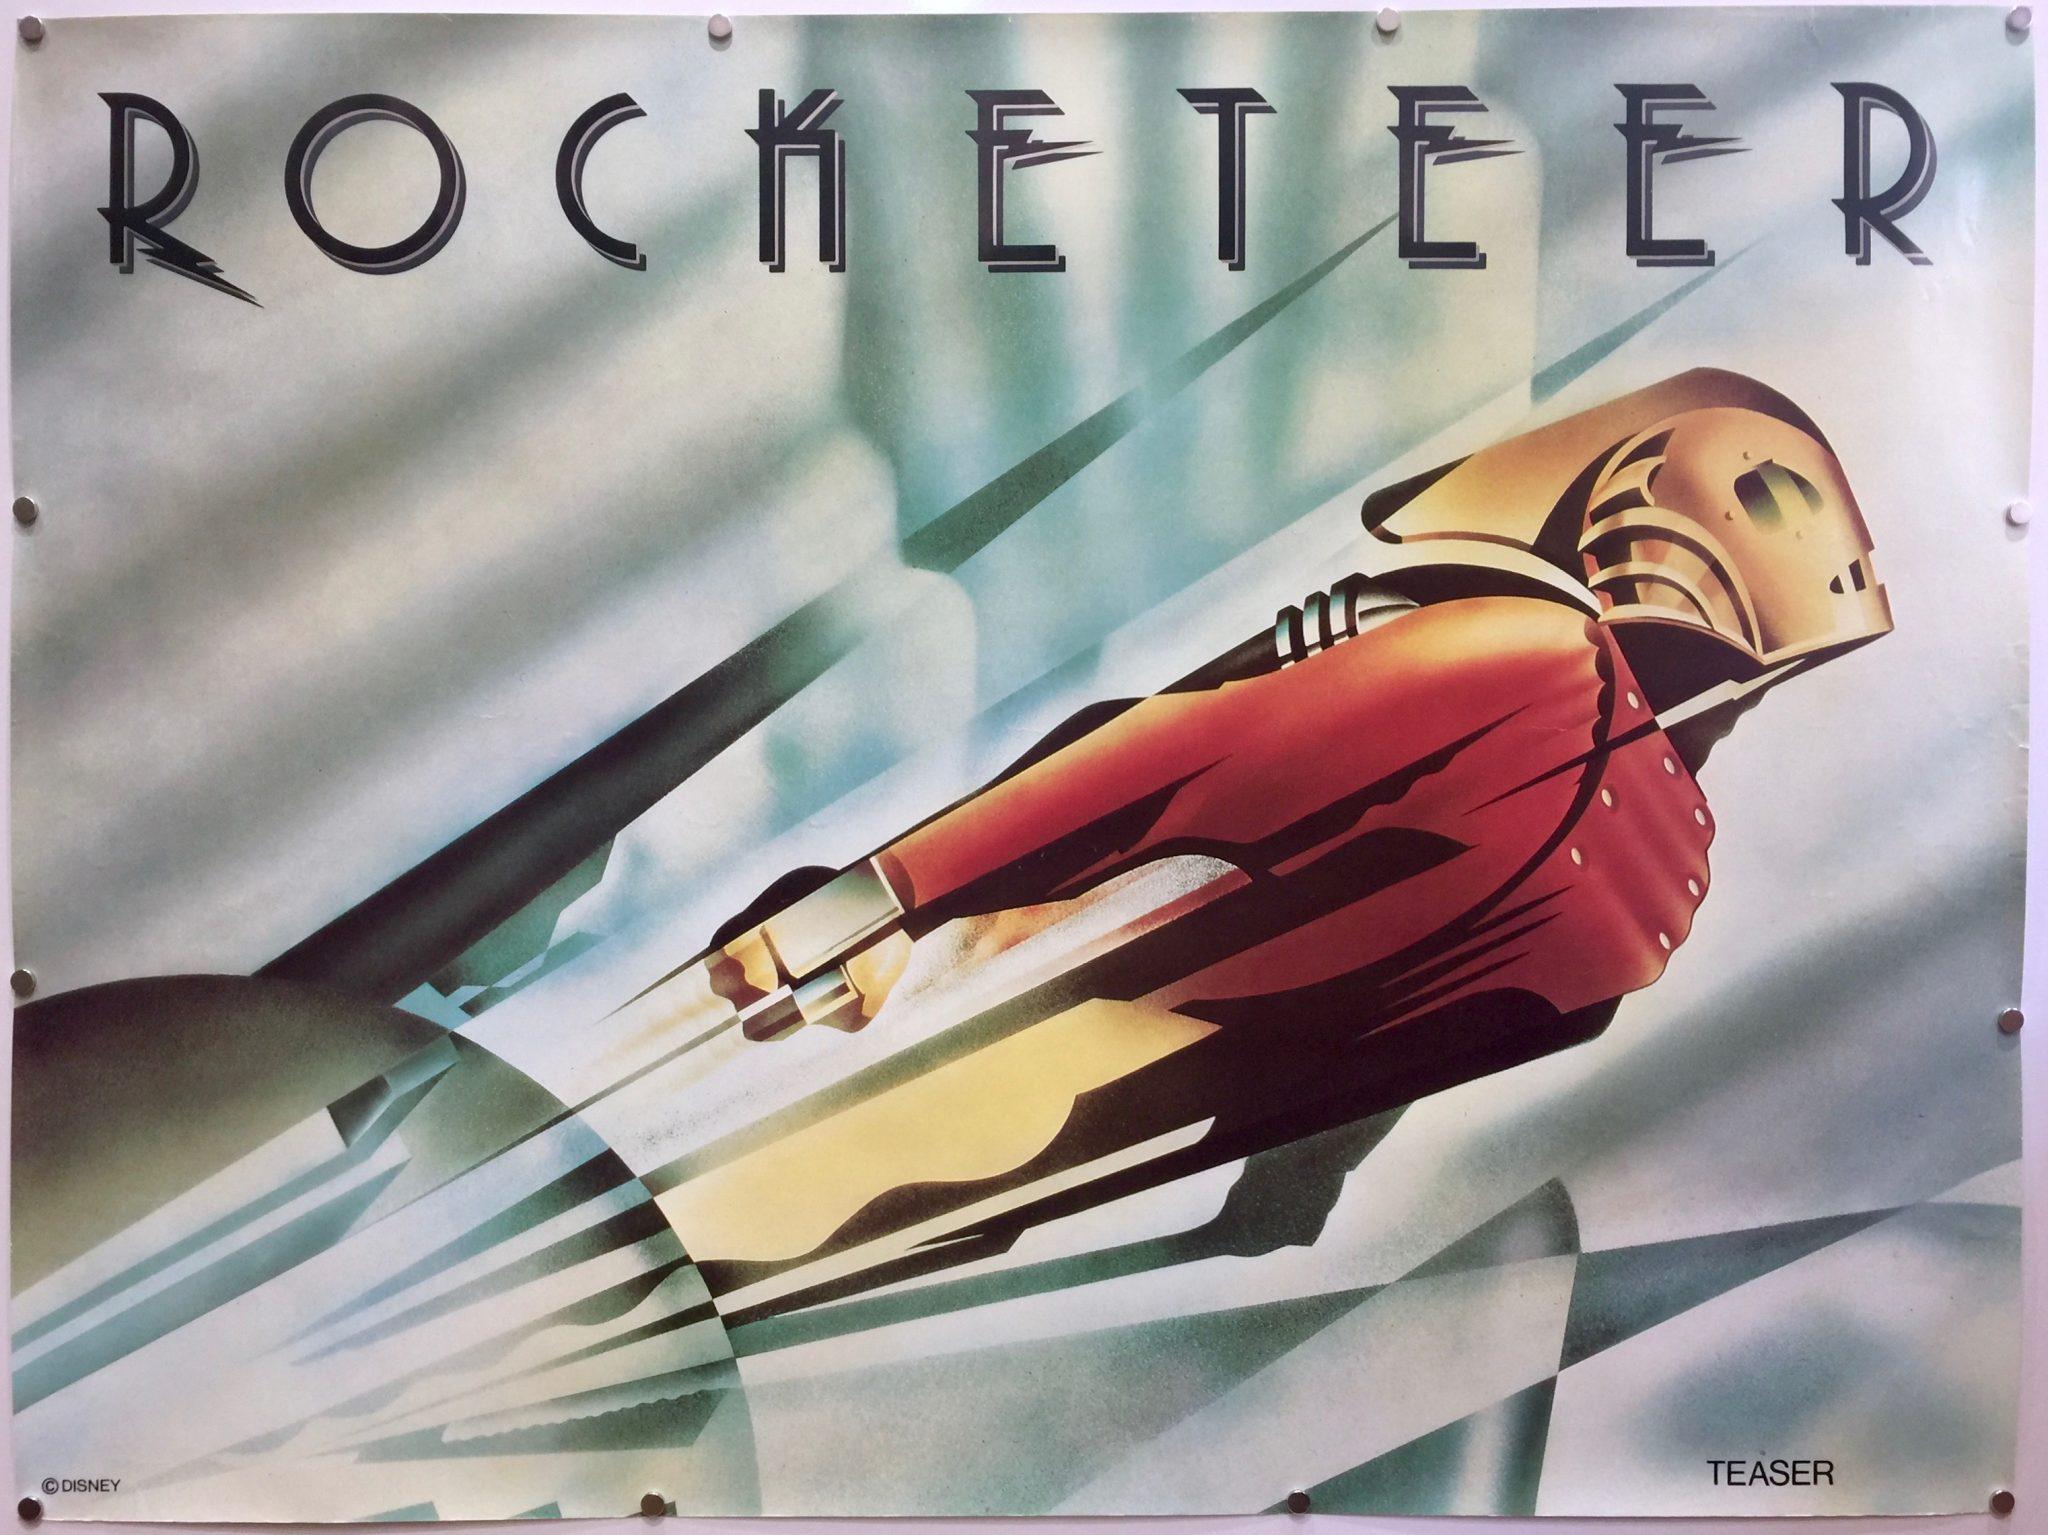 rocketeer.jpg